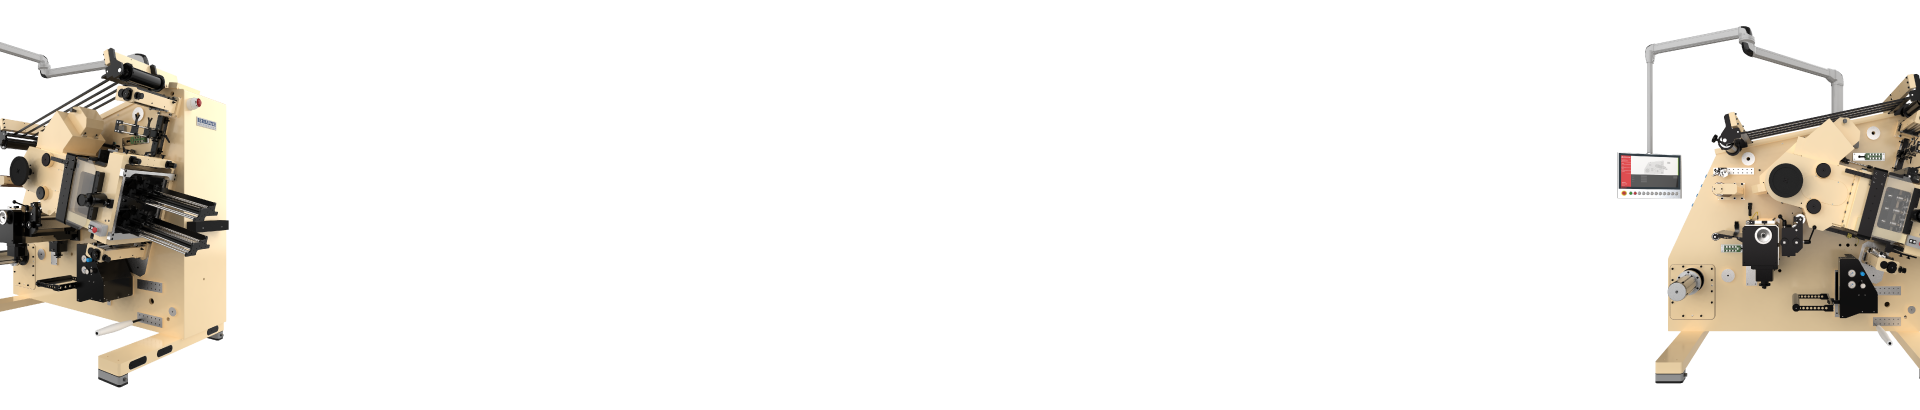 Swiss-Die-Cutter-B350-B500-Stanzmaschine-Front-&-Back-BERHALTER-swiss-die-cutting